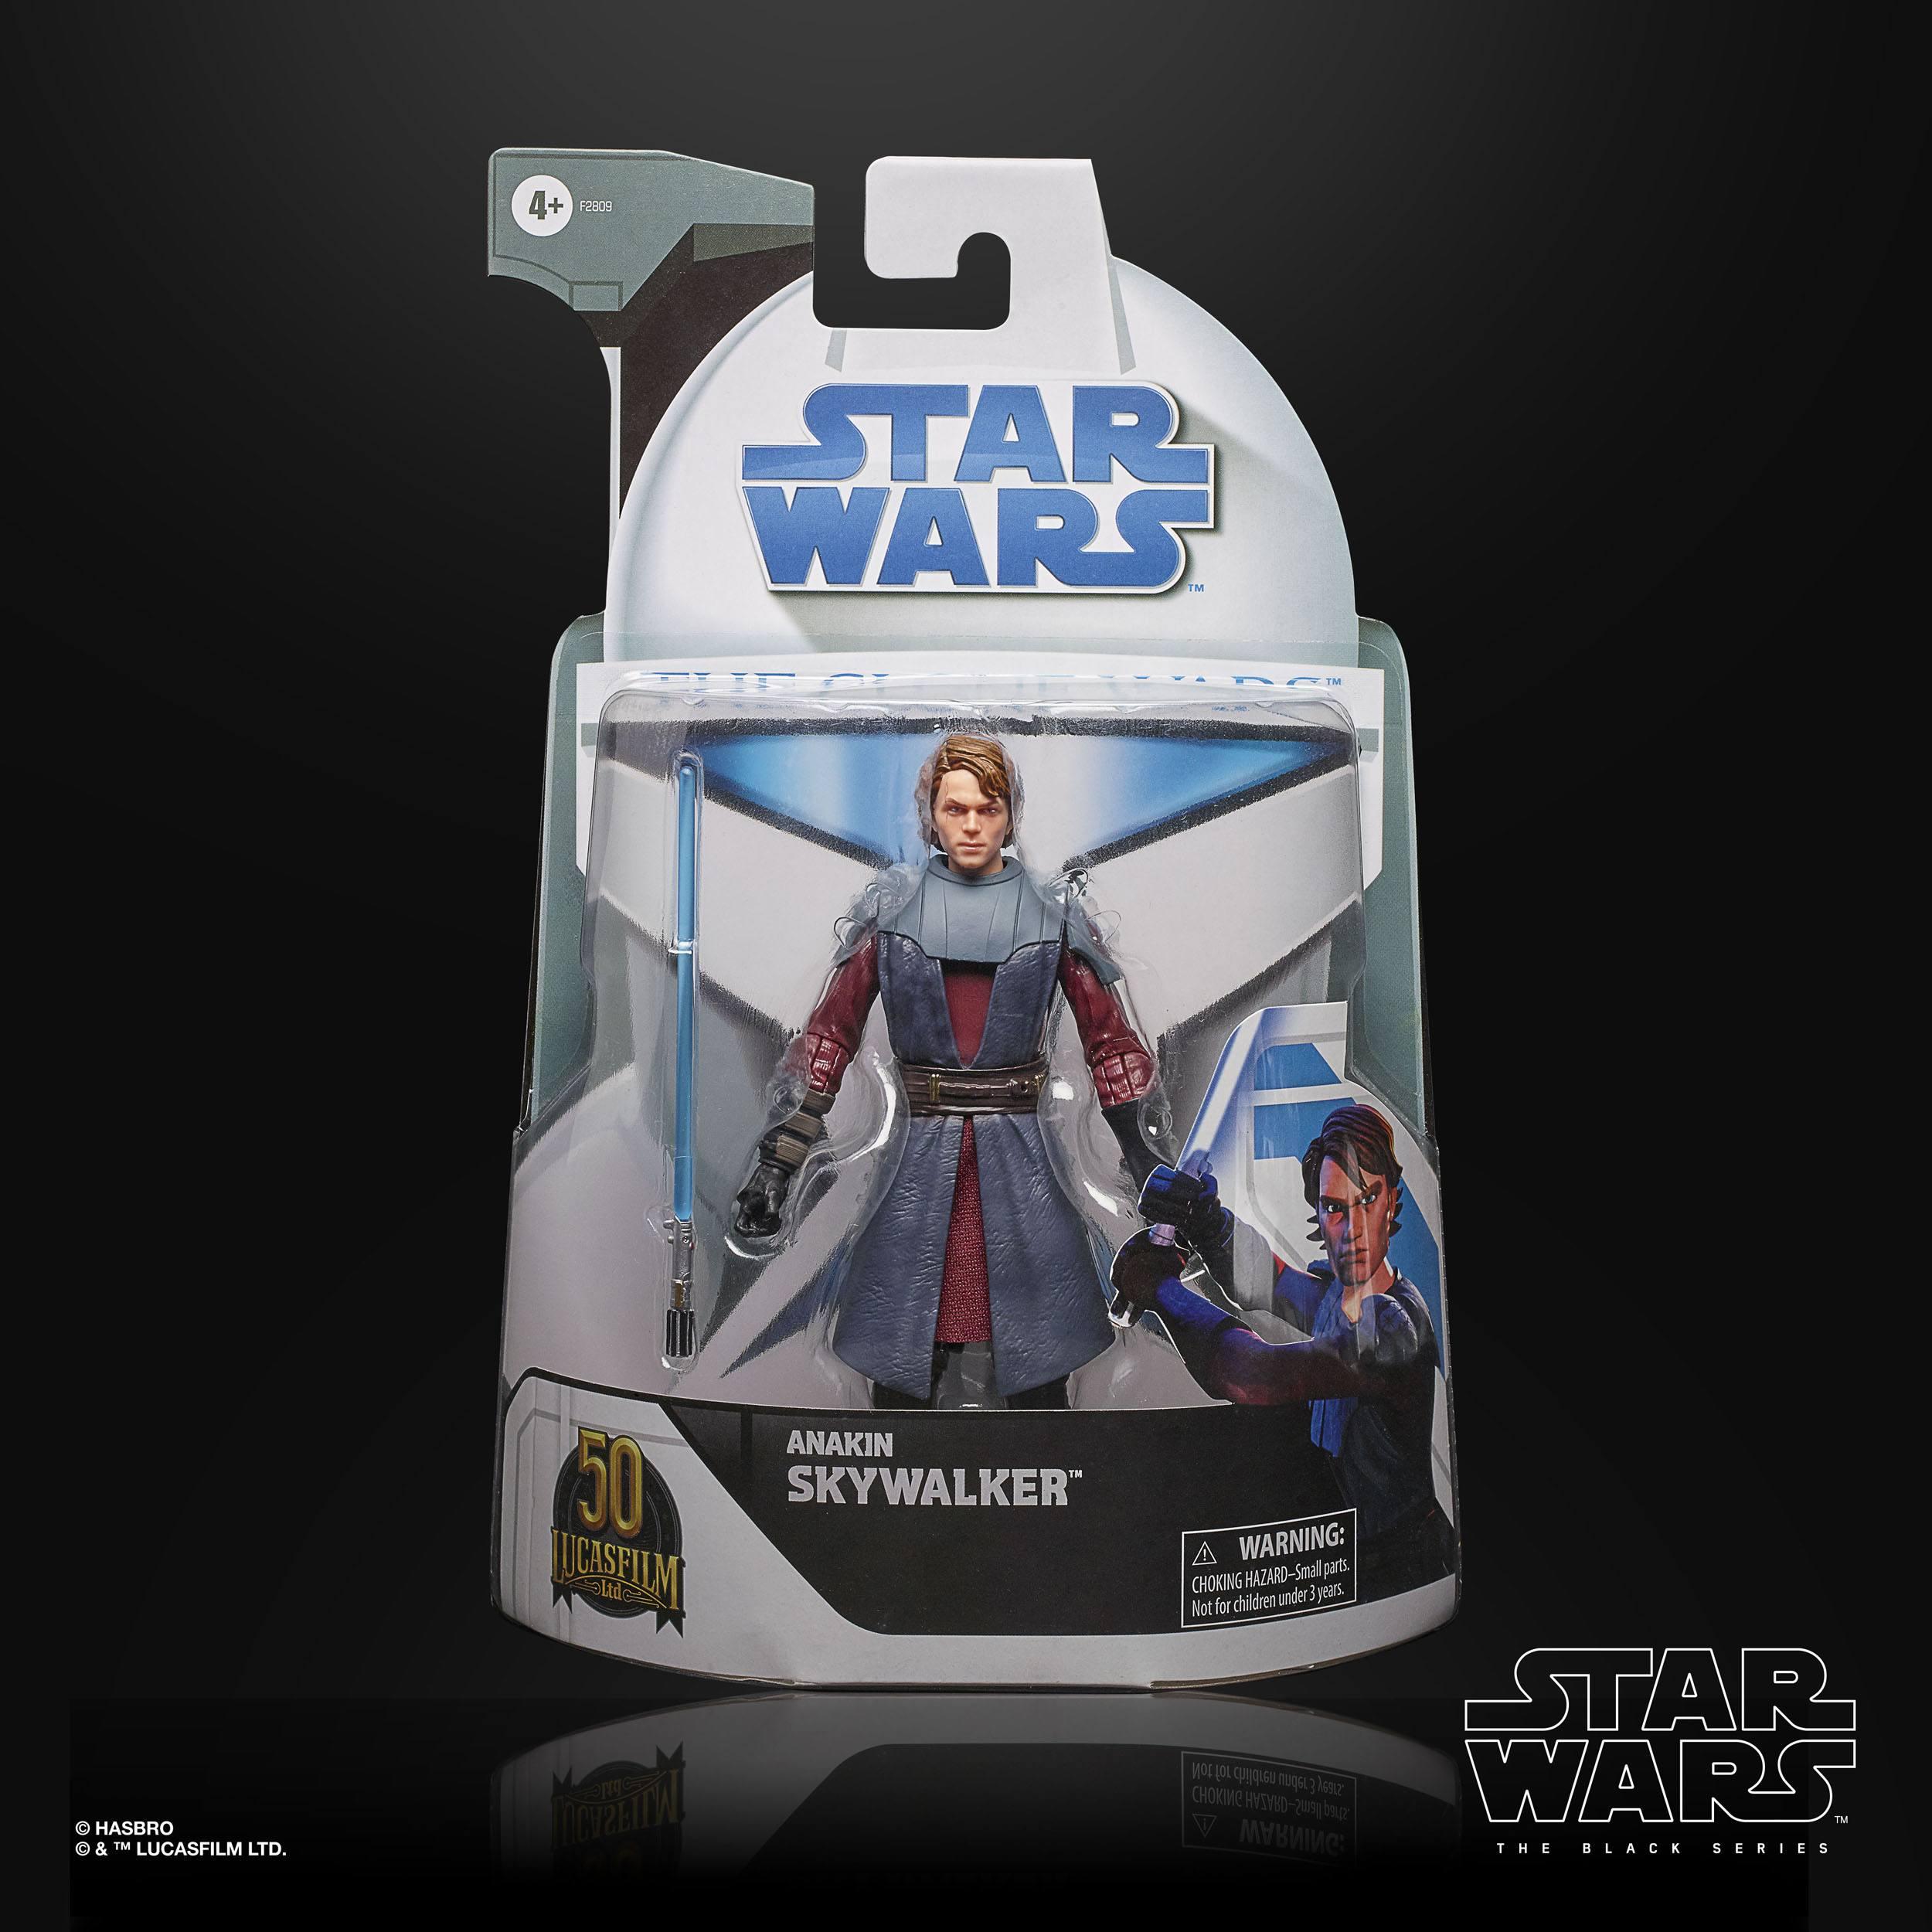 Star Wars The Black Series - Anakin Skywalker F28095L0 5010993866601